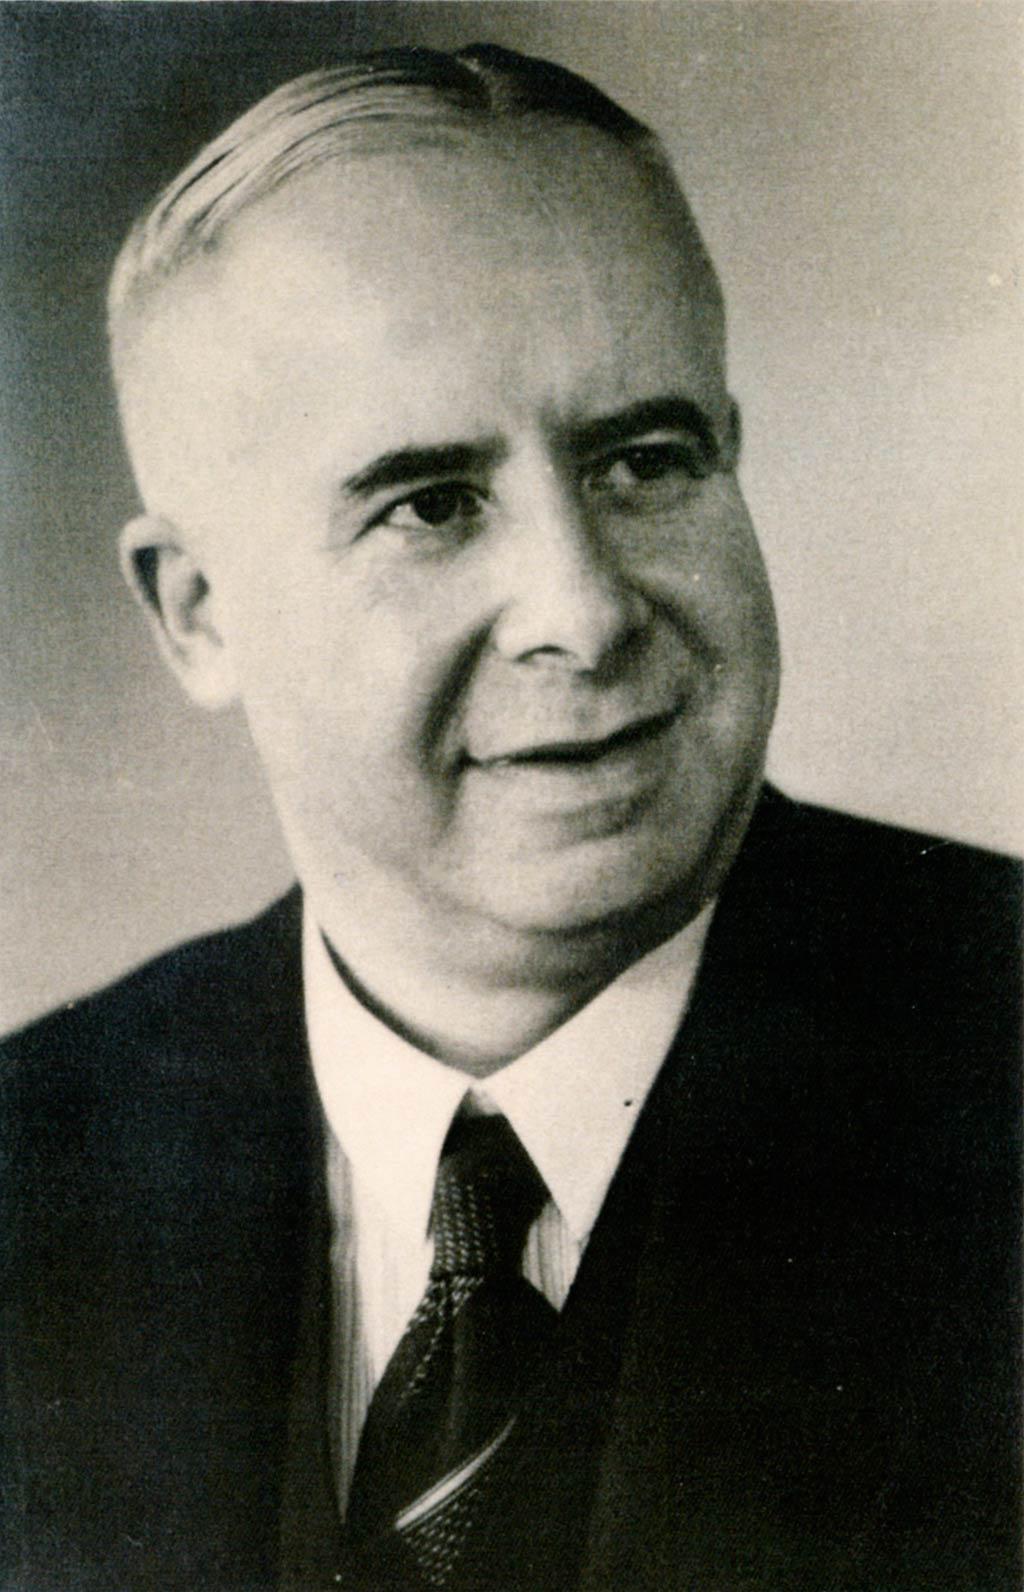 Max Hirschland